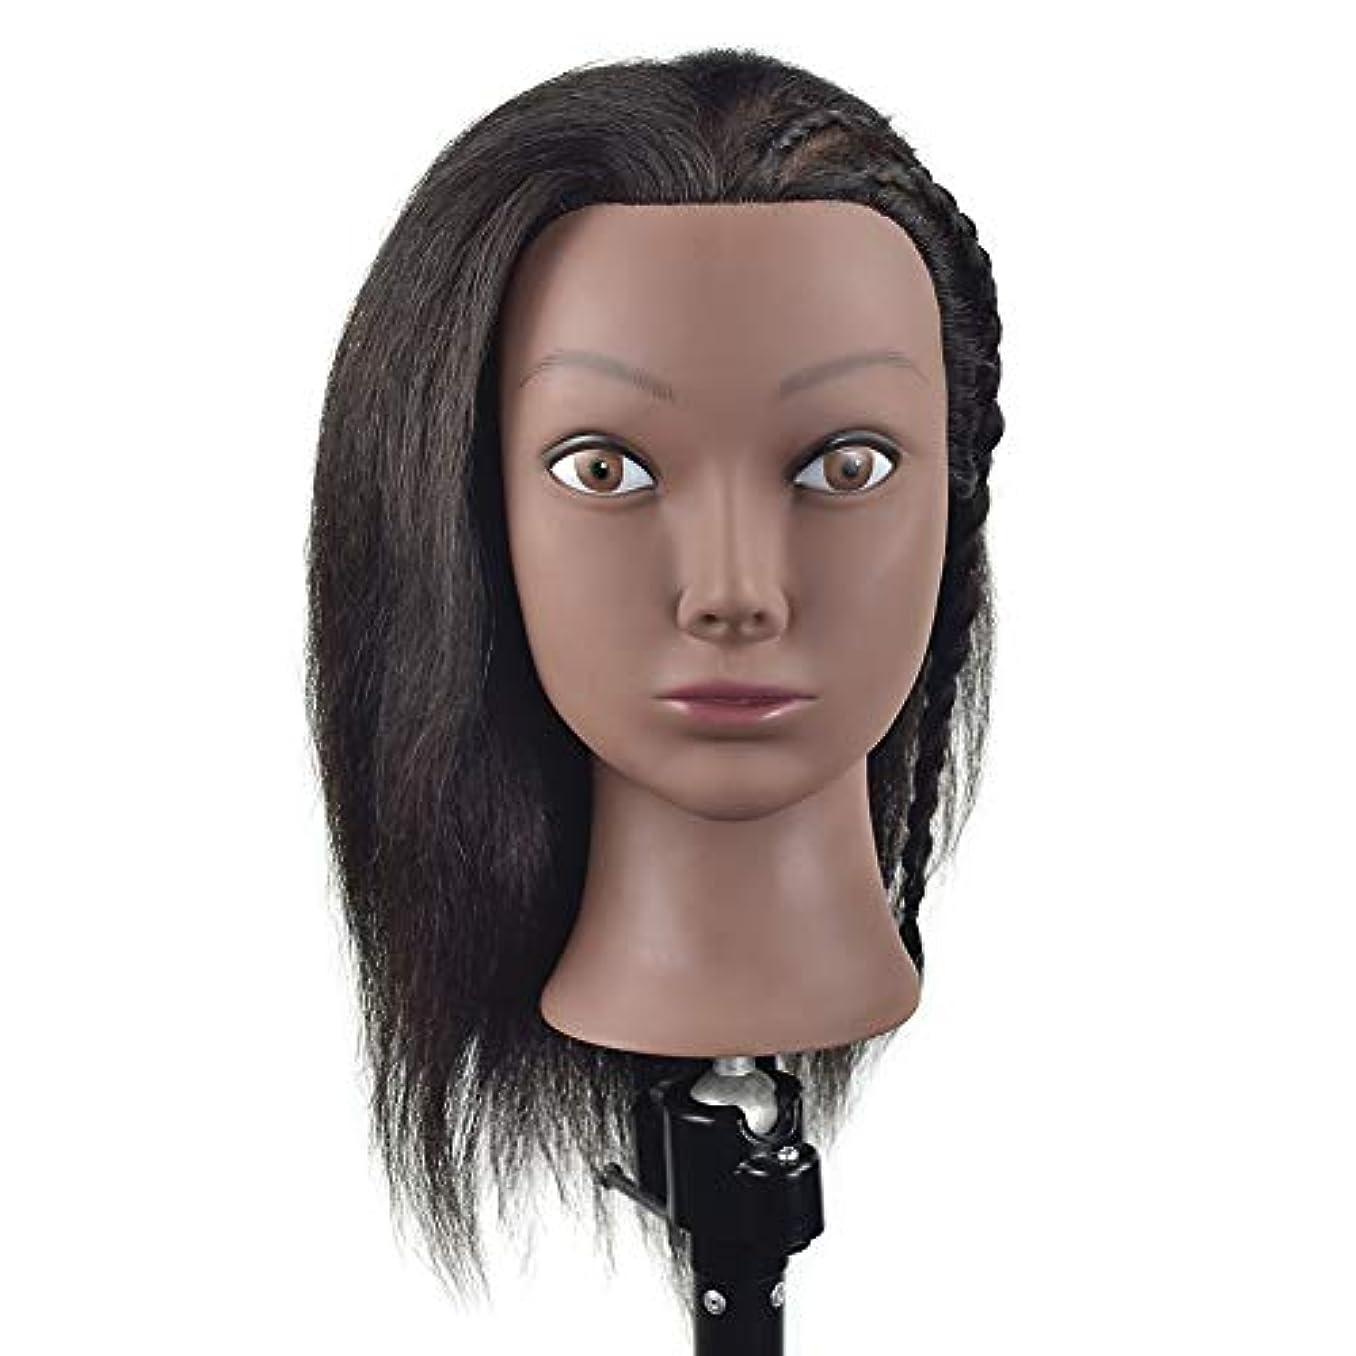 反対したヶ月目に対処するトレーニングヘッドかつらヘッドの型のヘアカットの編みのスタイリングマネキンヘッド理髪店練習指導ダミーヘッド